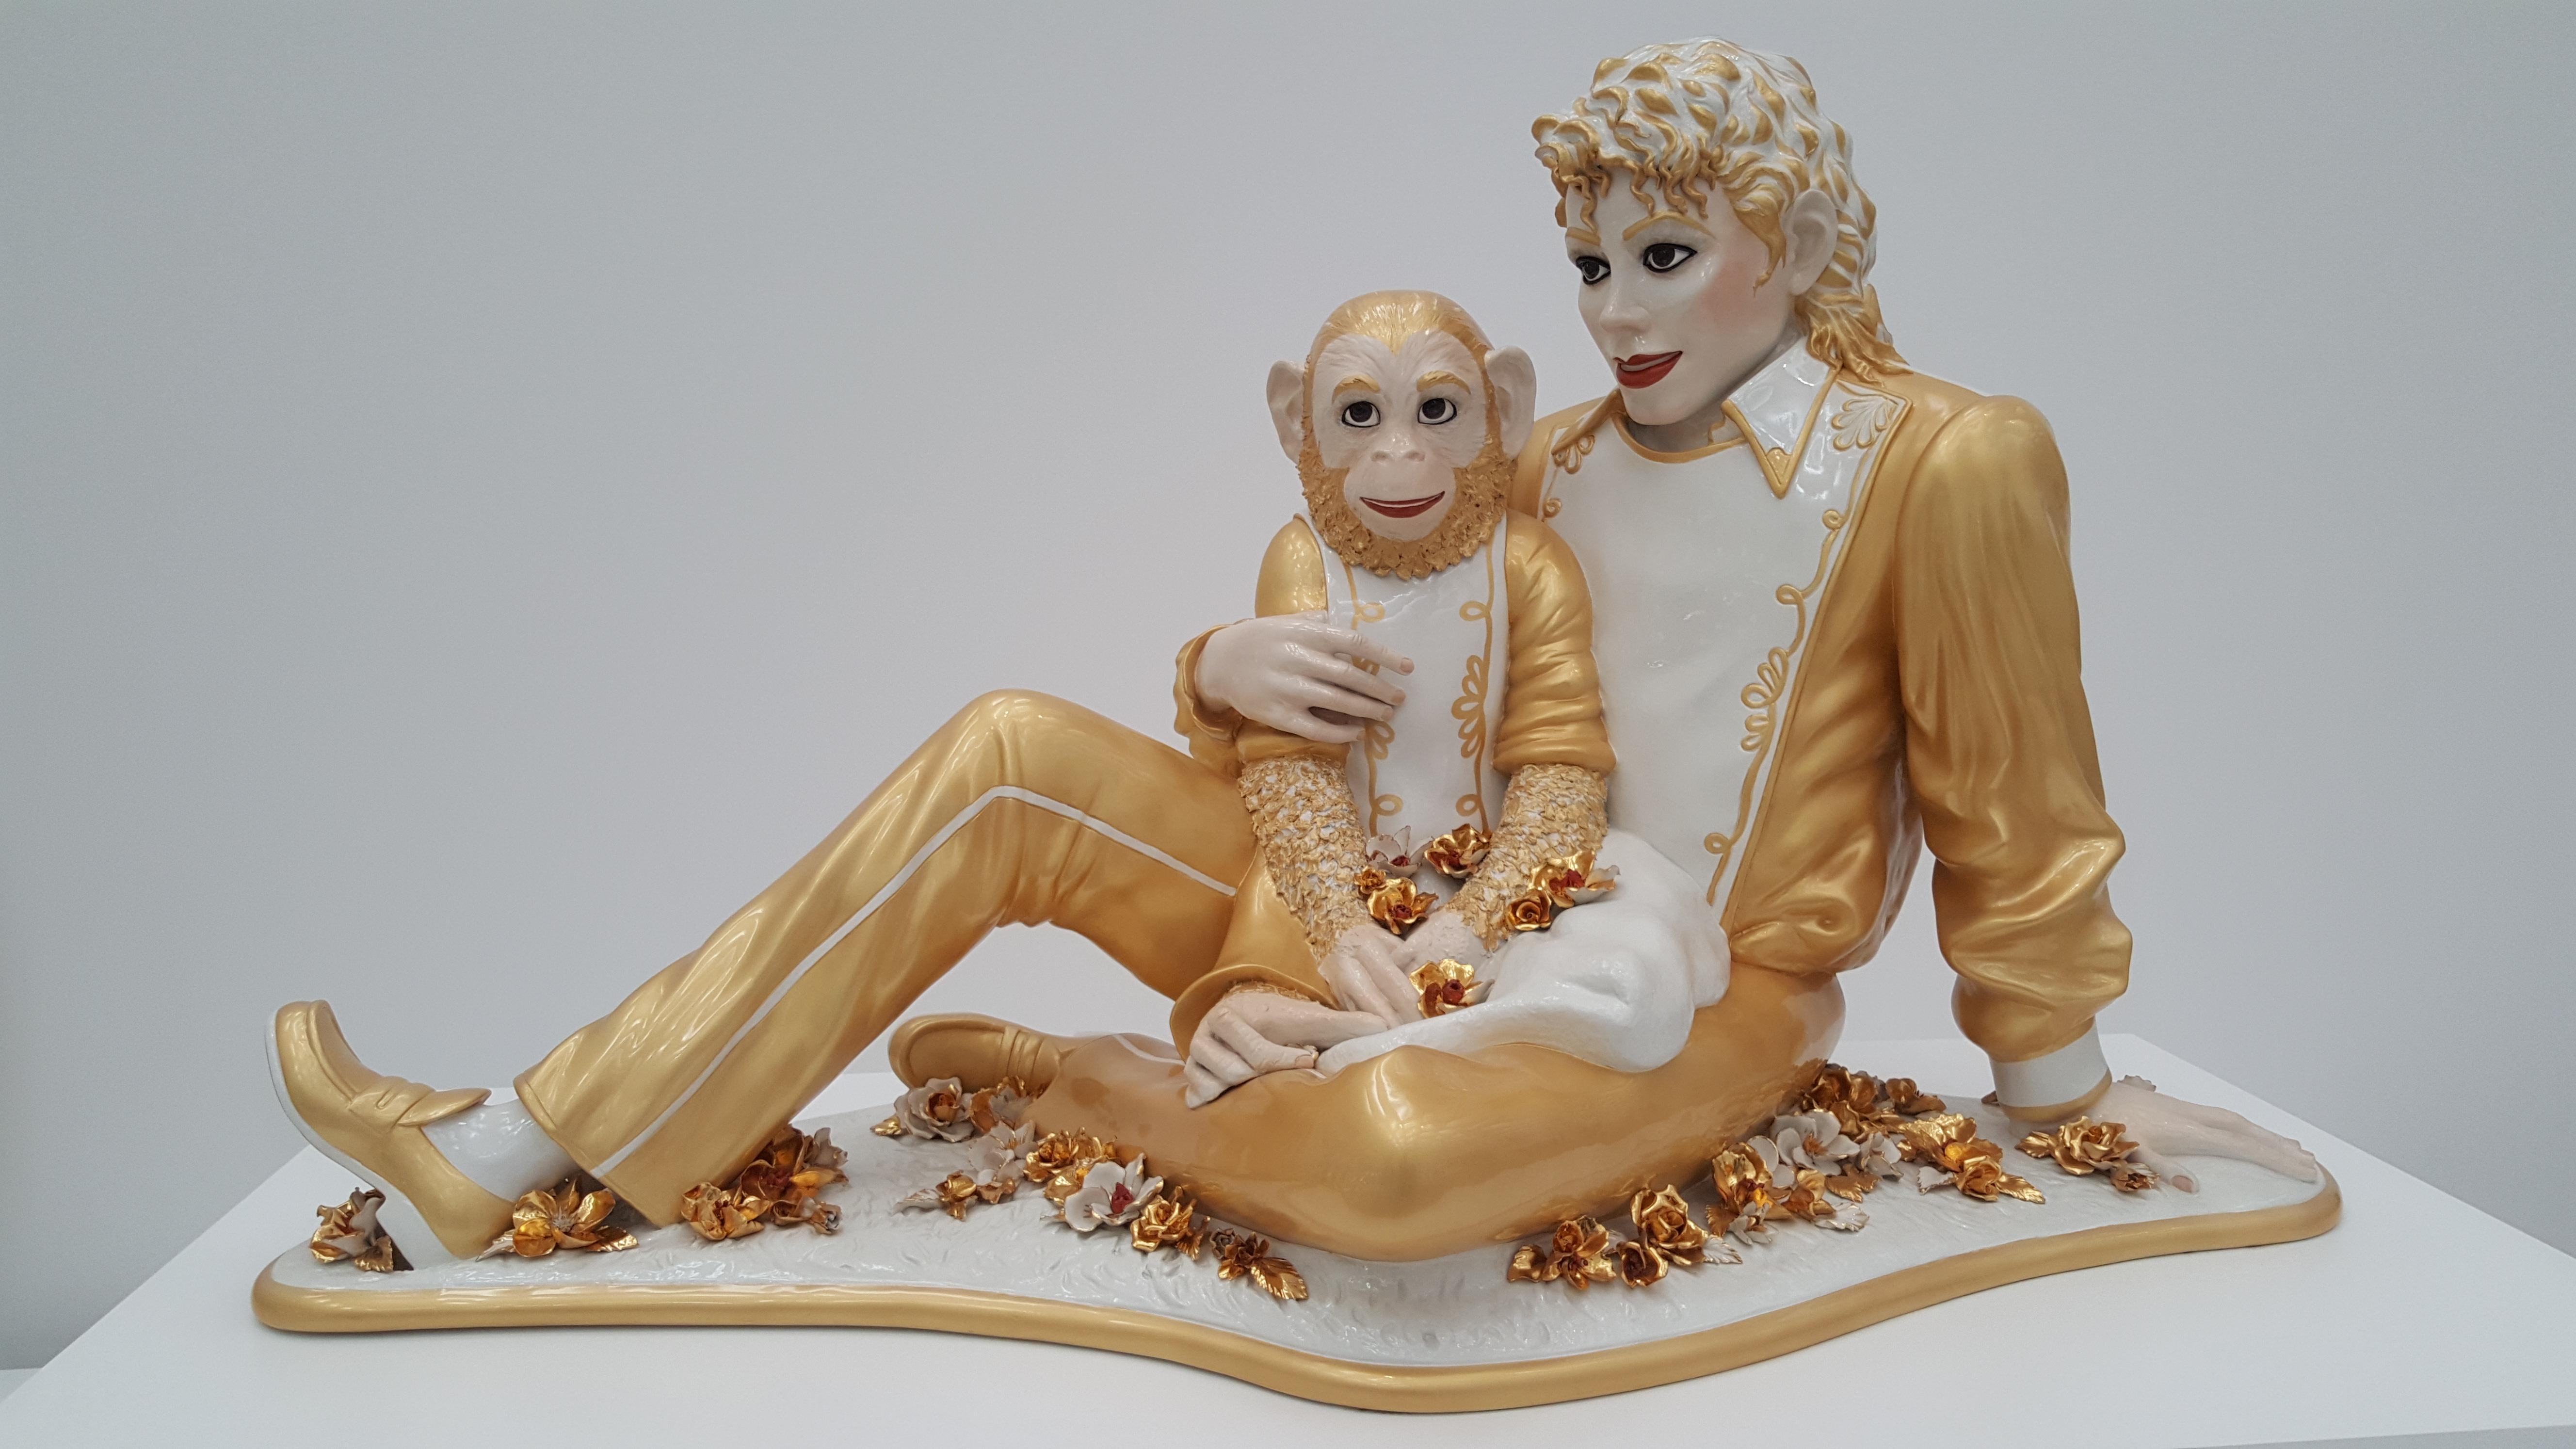 Michael Jackson and Bubbles, uma das obras mais bizarras da história da arte, de Jeff Koons